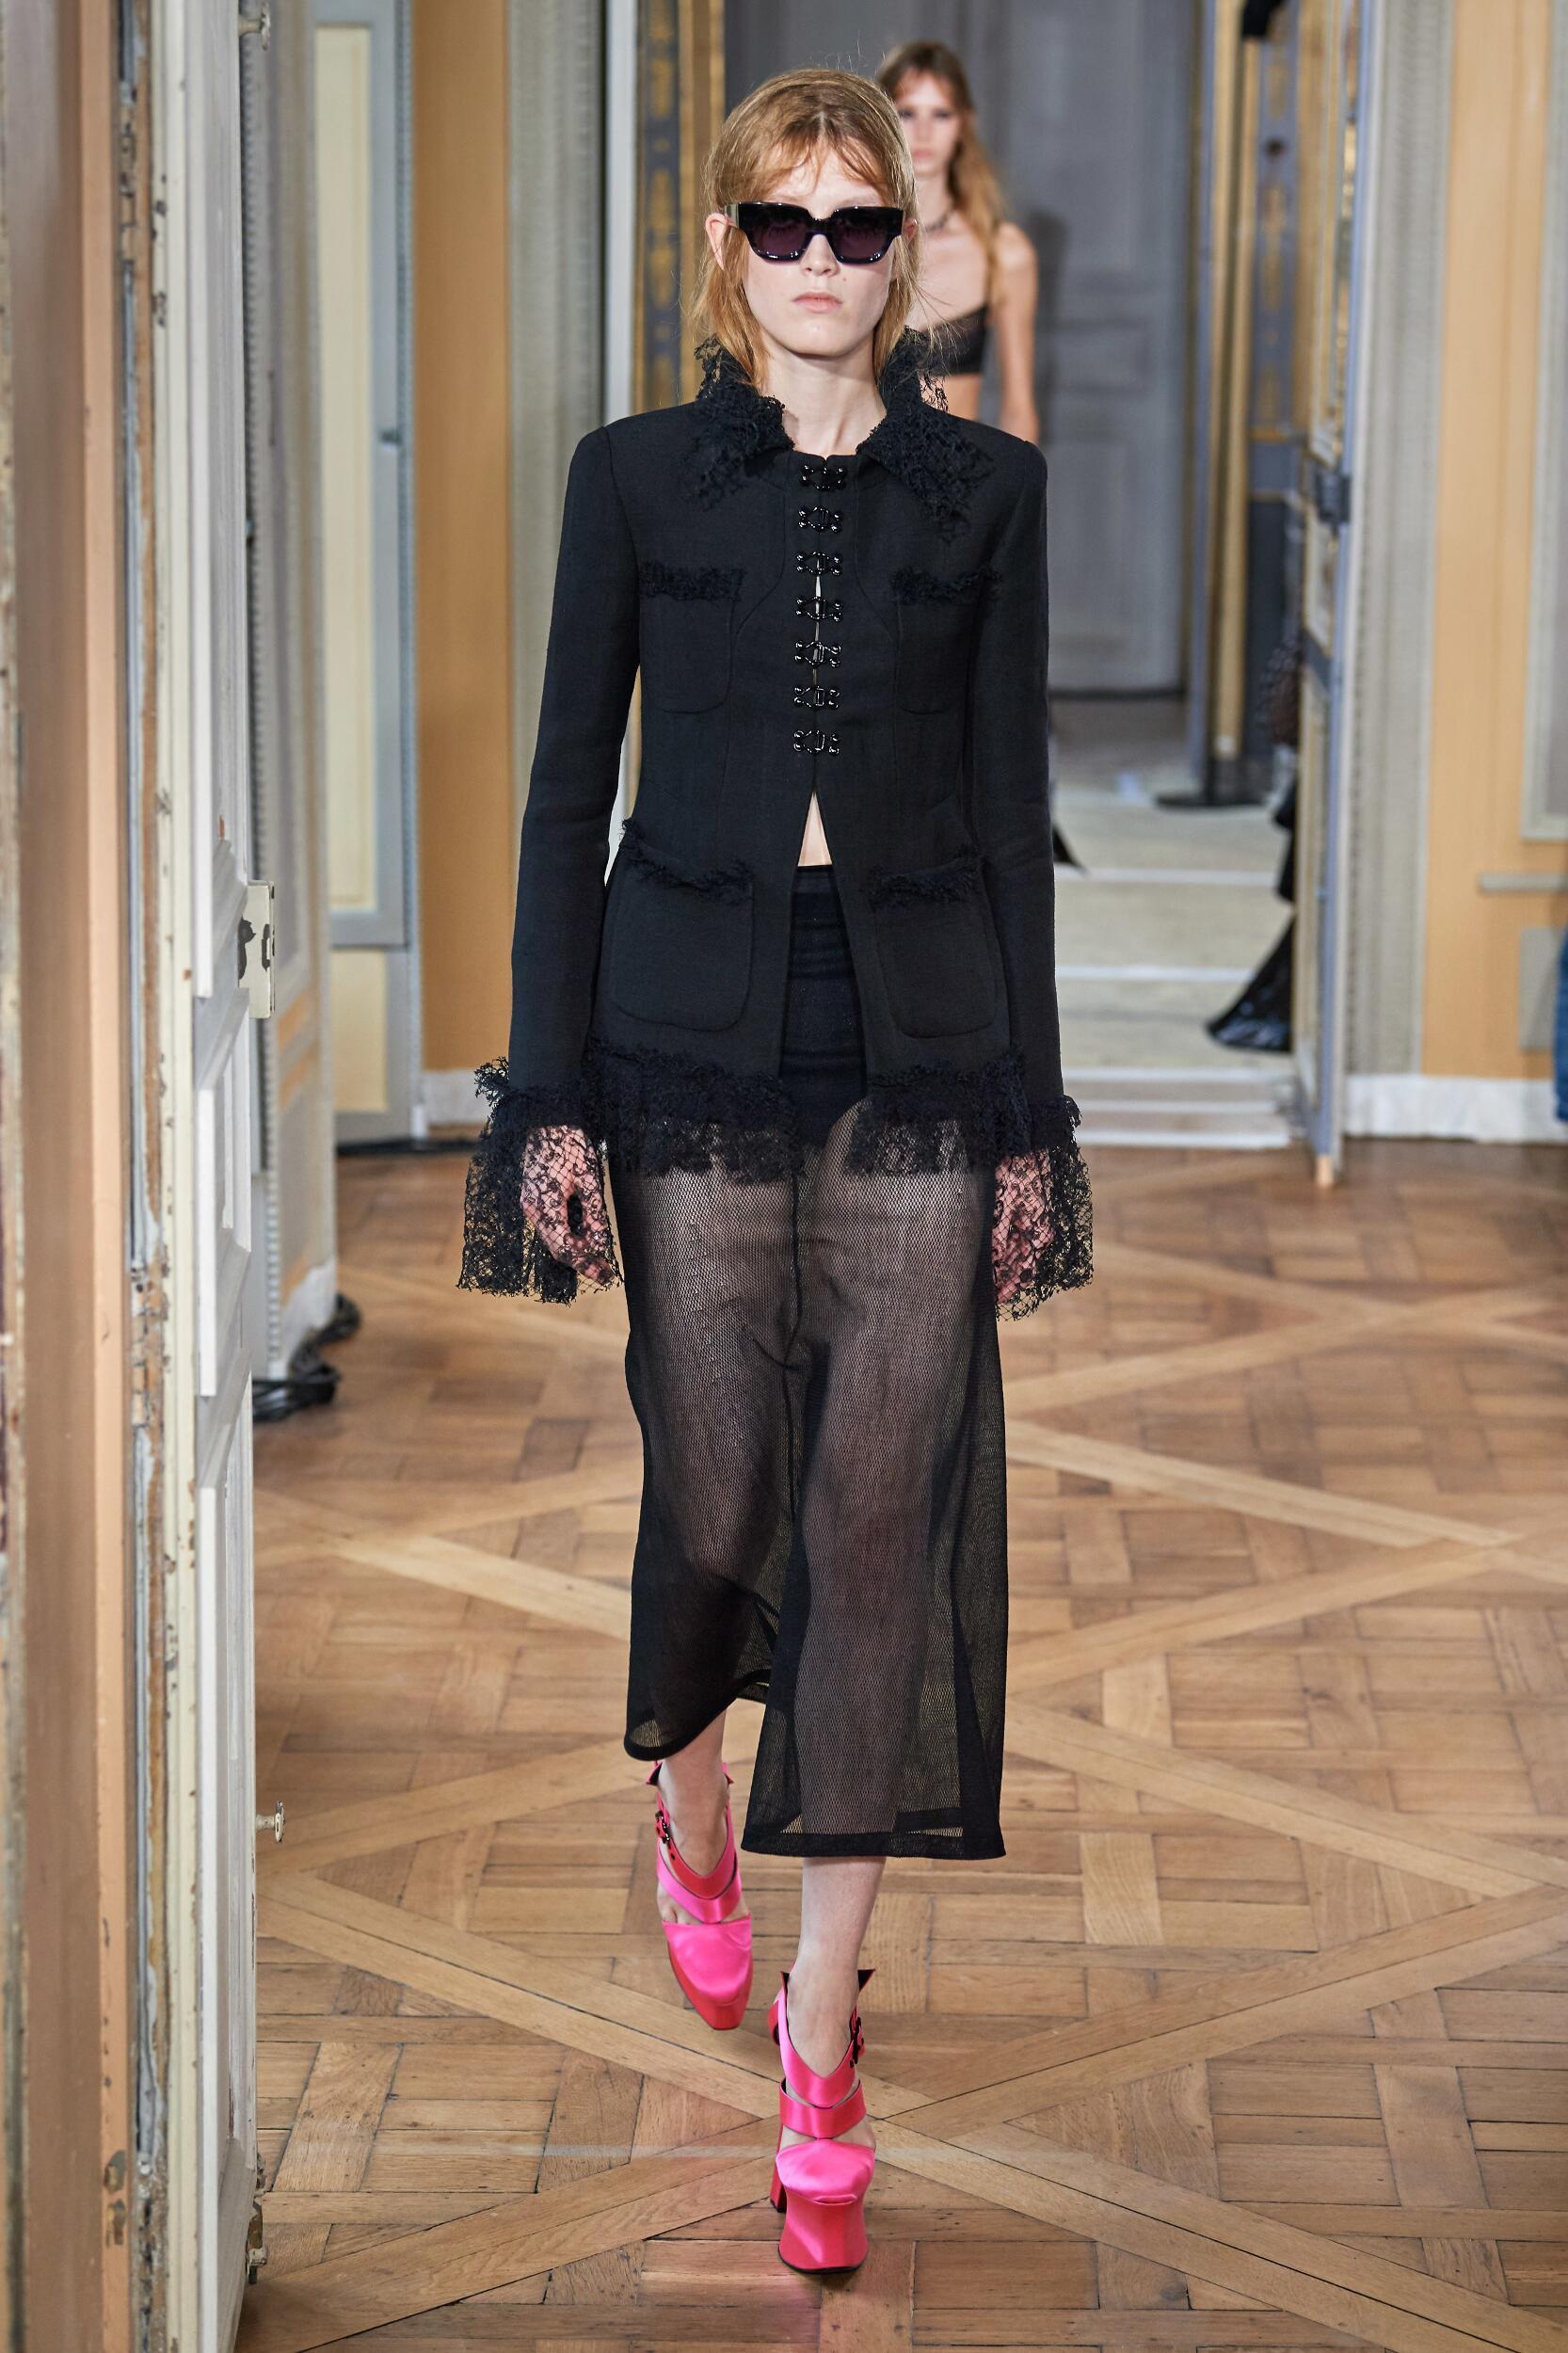 Olivier Theyskens SS 2020 Womenswear